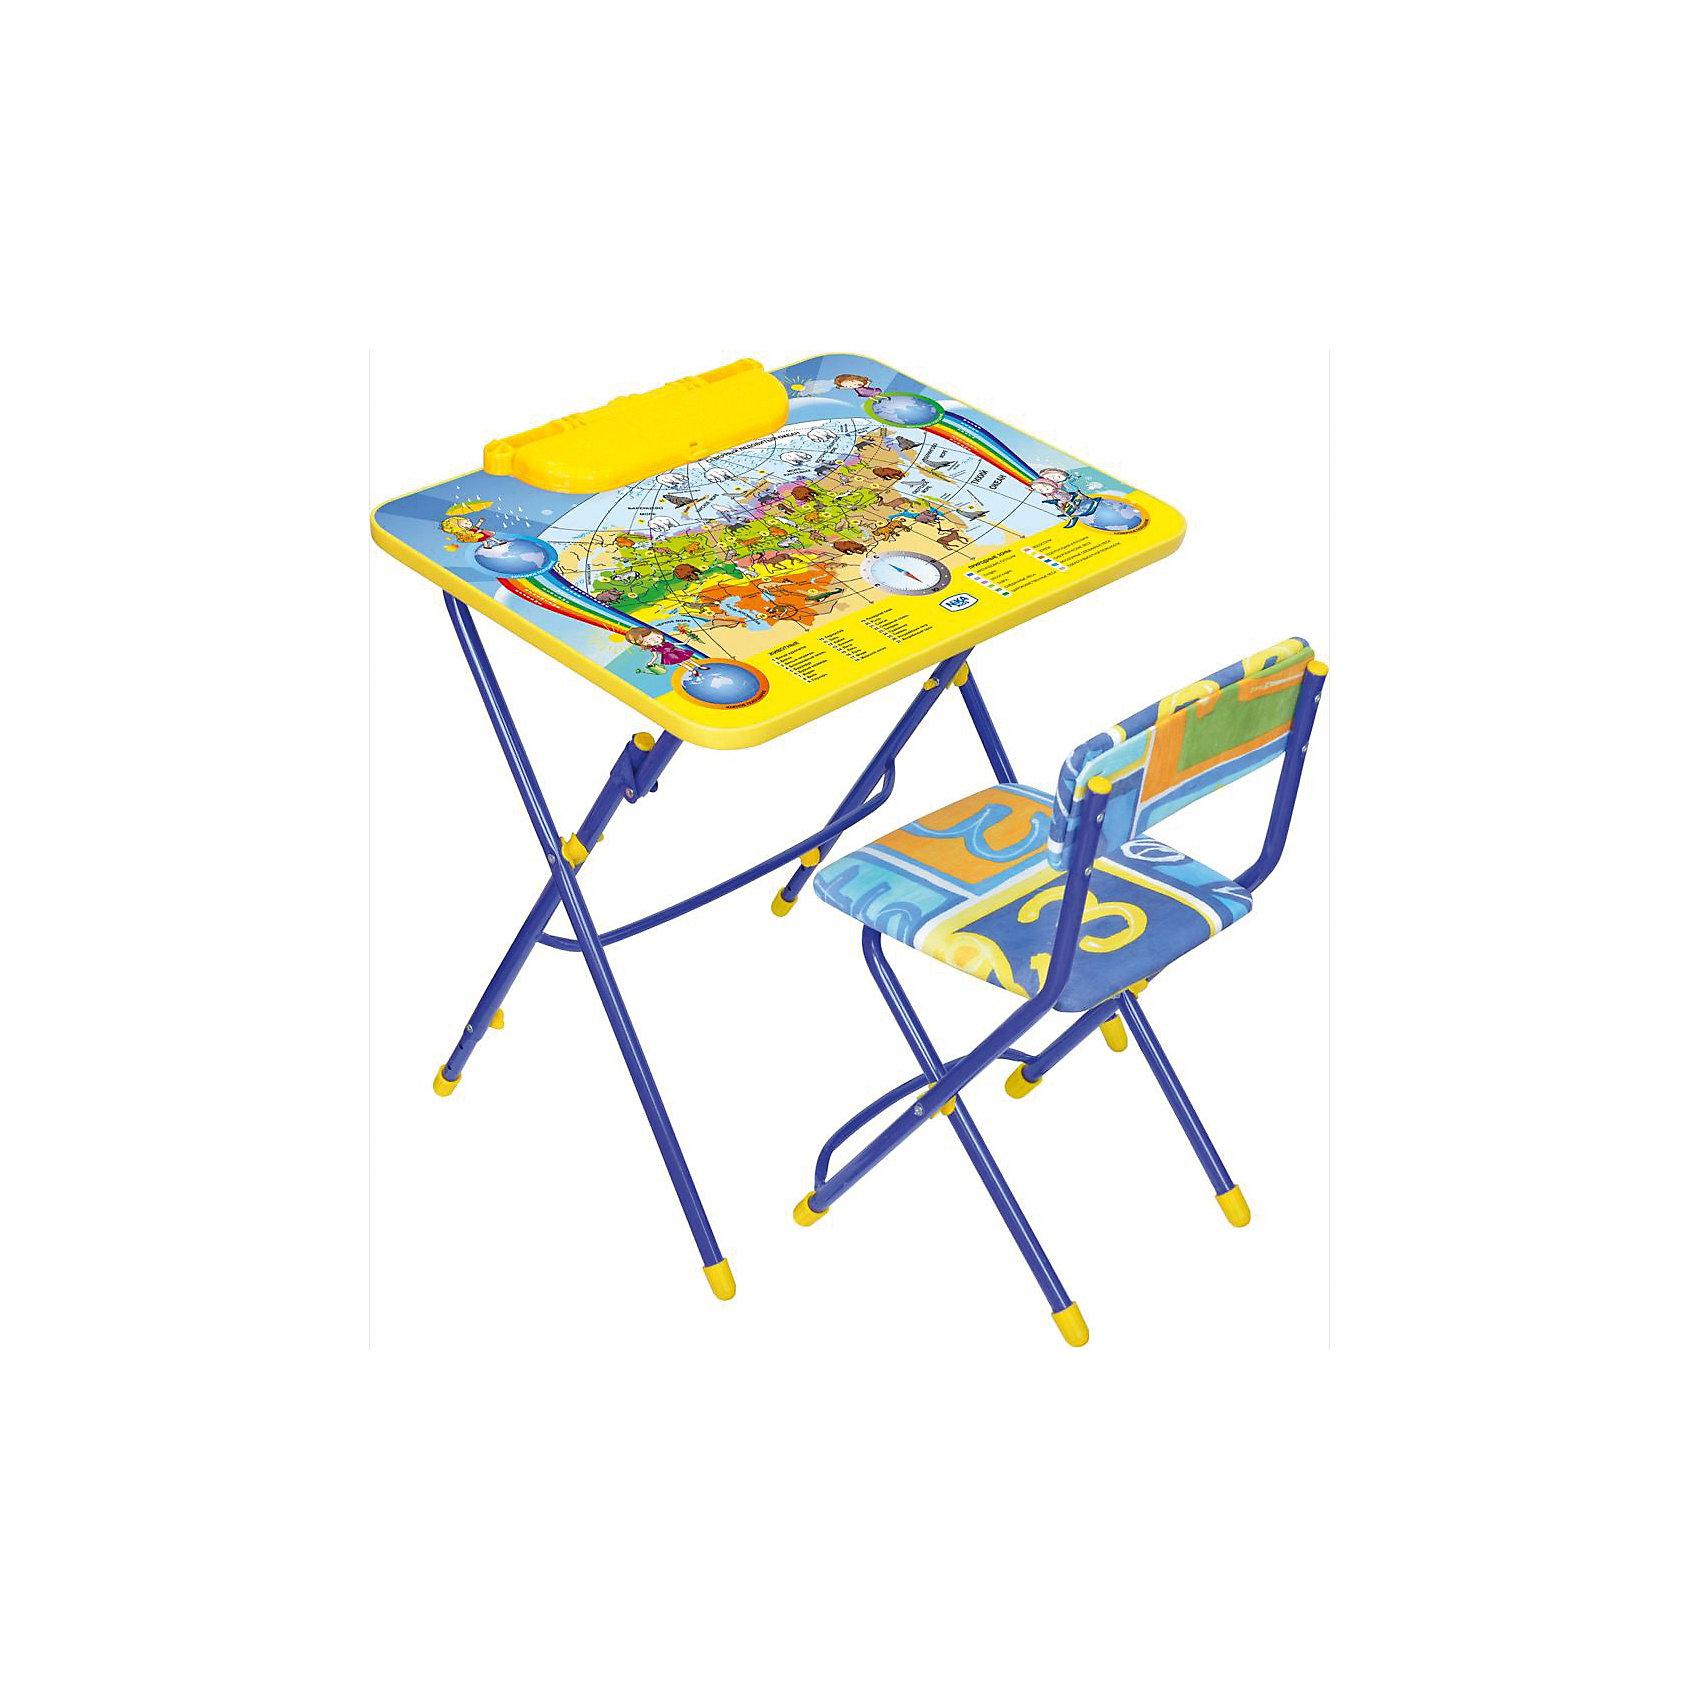 Набор мебели Никки КУ3/10 Познаю мир, НикаМебель<br>Характеристики товара:<br><br>• материал: металл, пластик, текстиль<br>• размер столешницы: 60х45 см<br>• высота стола: 58 см<br>• сиденье: 31х27 см<br>• высота до сиденья: 32 см<br>• высота со спинкой 57 см<br>• подставка для ног<br>• стул с мягким сиденьем (флок)<br>• пенал<br>• складной<br>• на столешнице - полезные рисунки<br>• на ламинированной поверхности стола можно рисовать маркером на водной основе<br>• на ножках пластмассовые наконечники<br>• складной<br>• возраст: от 3 до 7 лет<br>• страна бренда: Российская Федерация<br>• страна производства: Российская Федерация<br><br>Детская мебель может быть удобной и эргономичной! Этот комплект разработан специально для детей от трех до семи лет. Он легко складывается и раскладывается, занимает немного места, легко моется. Каркас сделан из прочного, но легкого металла, а на ножках установлены пластмассовые наконечники для защиты напольного покрытия. Столешница украшена полезными познавательными рисунками. Отличное решение как для кормления малыша, так и для игр, творчества и обучения!<br>Правильно подобранная мебель помогает ребенку расти здоровым, формироваться правильной осанке. Изделие производится из качественных сертифицированных материалов, безопасных даже для самых маленьких.<br><br>Набор мебели Никки КУ3/10 Познаю мир от бренда Ника можно купить в нашем интернет-магазине.<br><br>Ширина мм: 750<br>Глубина мм: 155<br>Высота мм: 610<br>Вес г: 8140<br>Возраст от месяцев: 36<br>Возраст до месяцев: 84<br>Пол: Унисекс<br>Возраст: Детский<br>SKU: 5223626